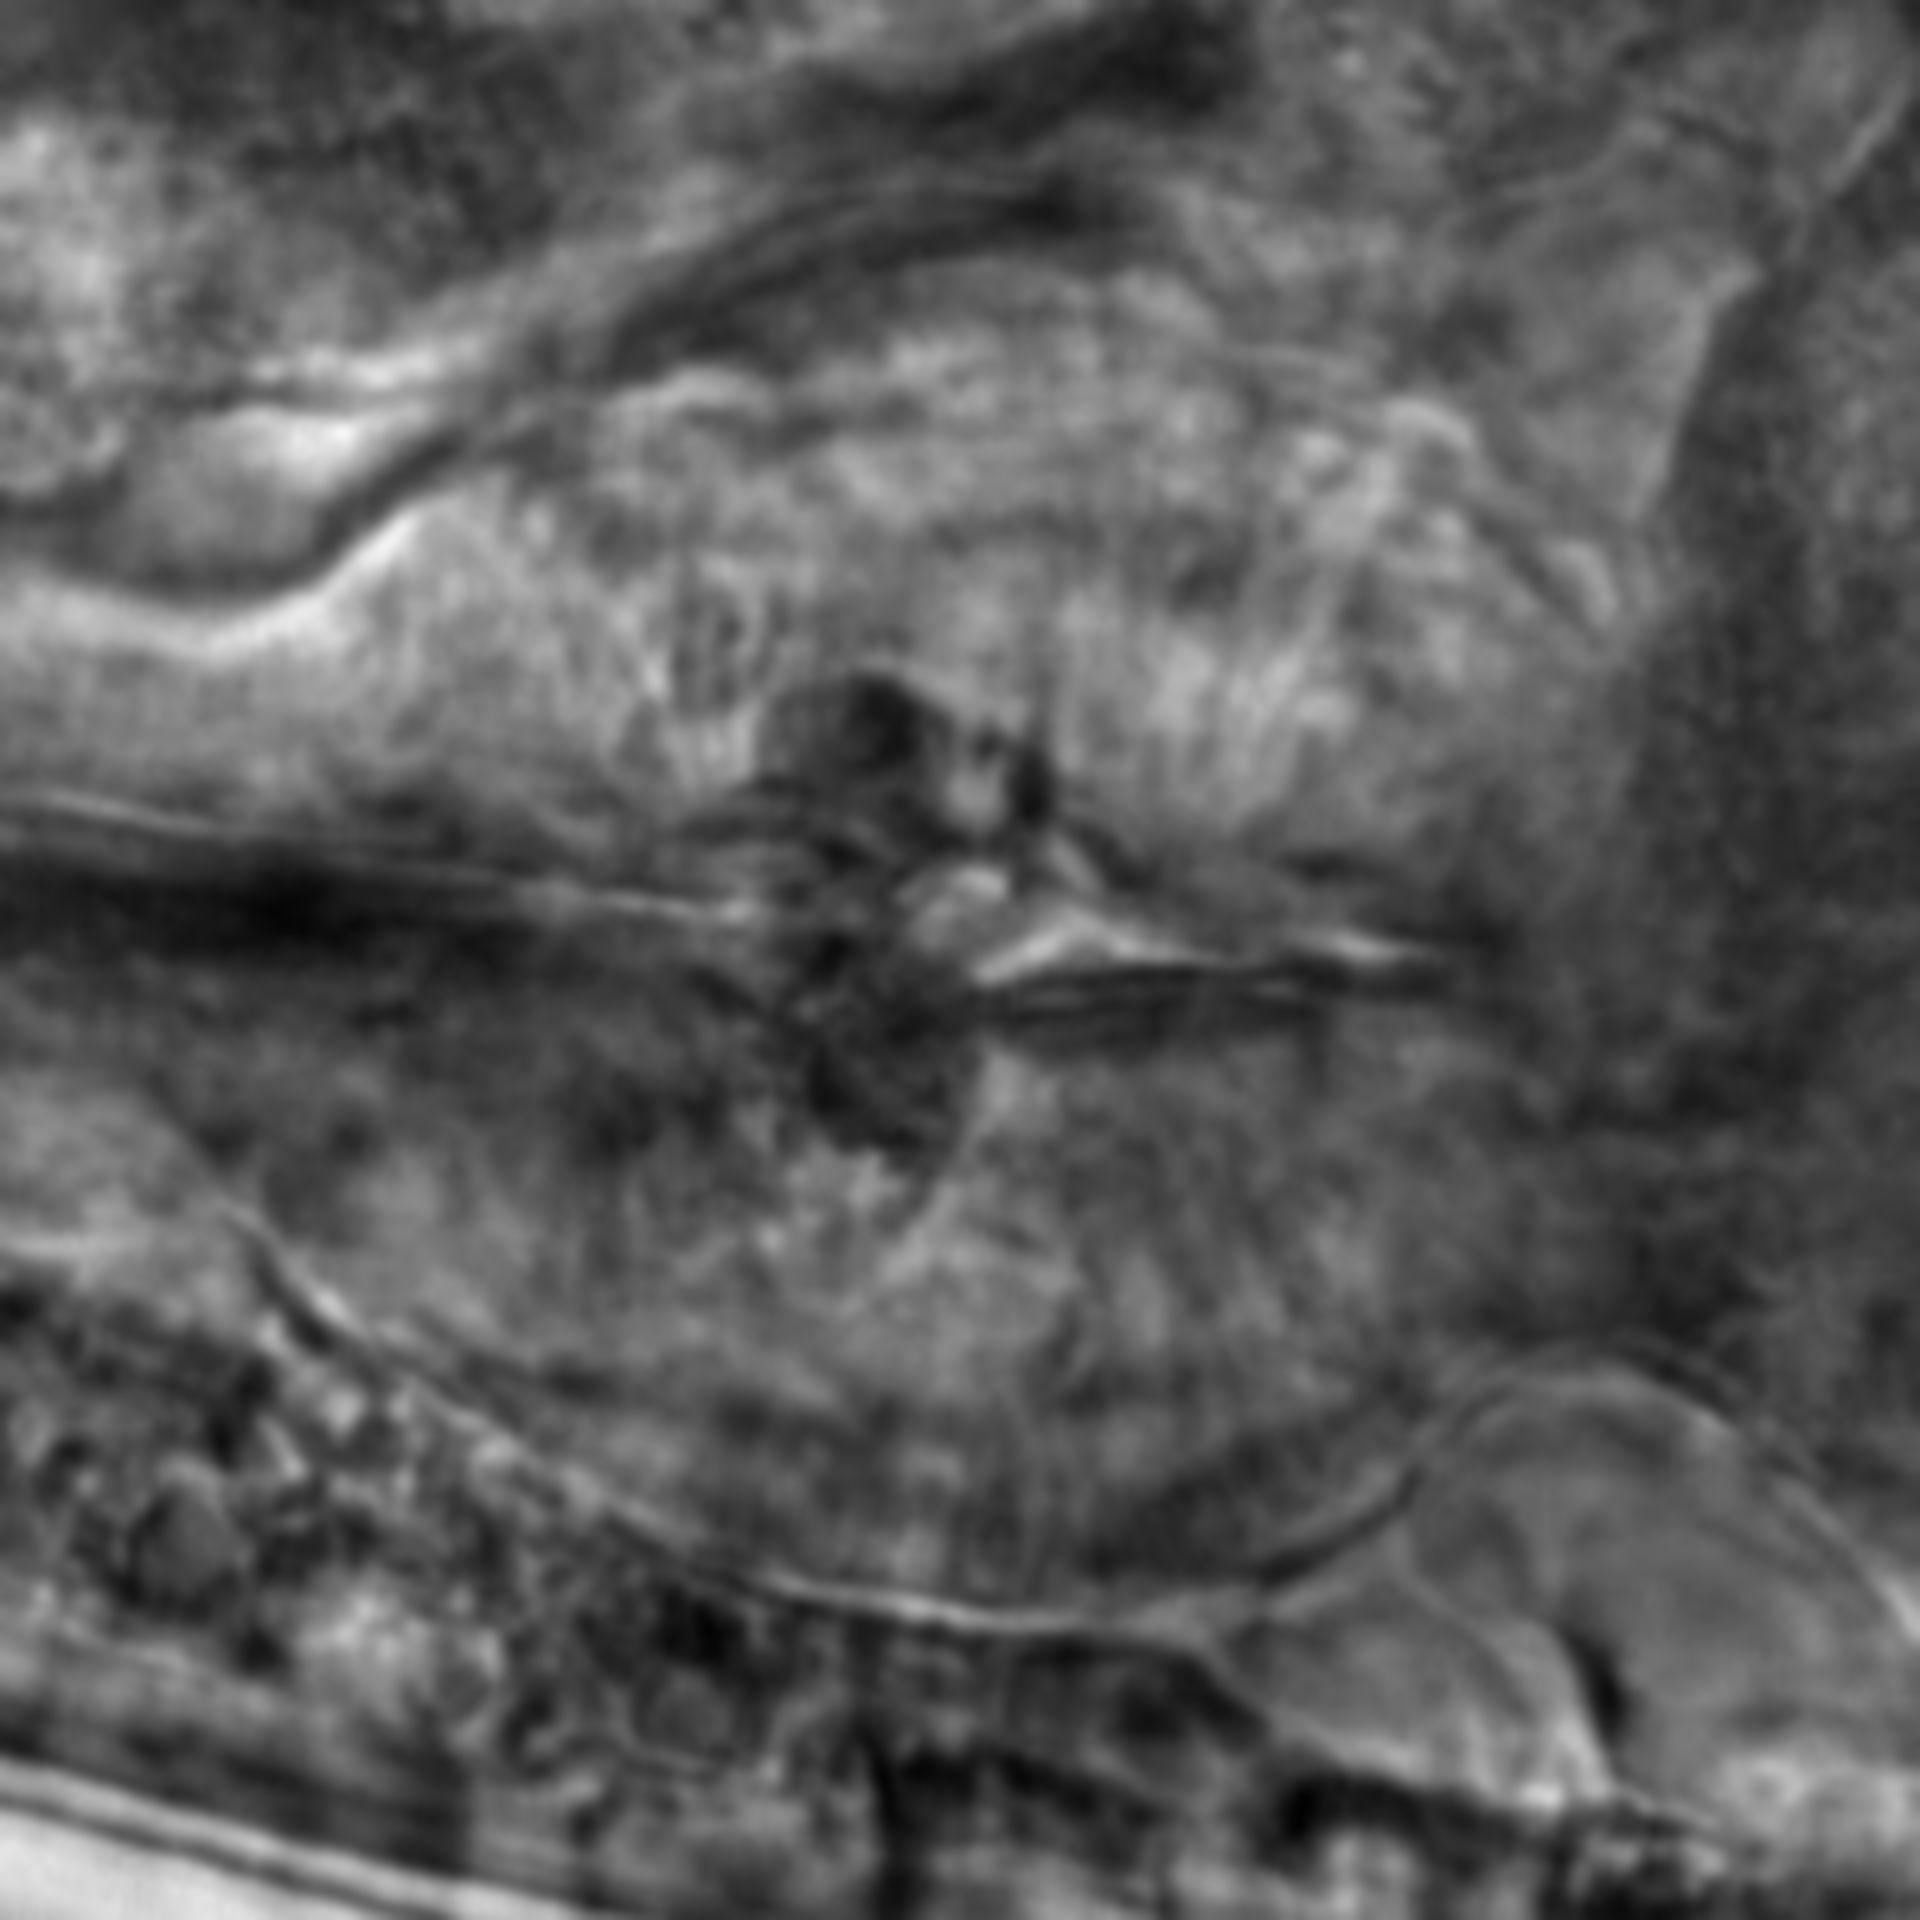 Caenorhabditis elegans - CIL:1914